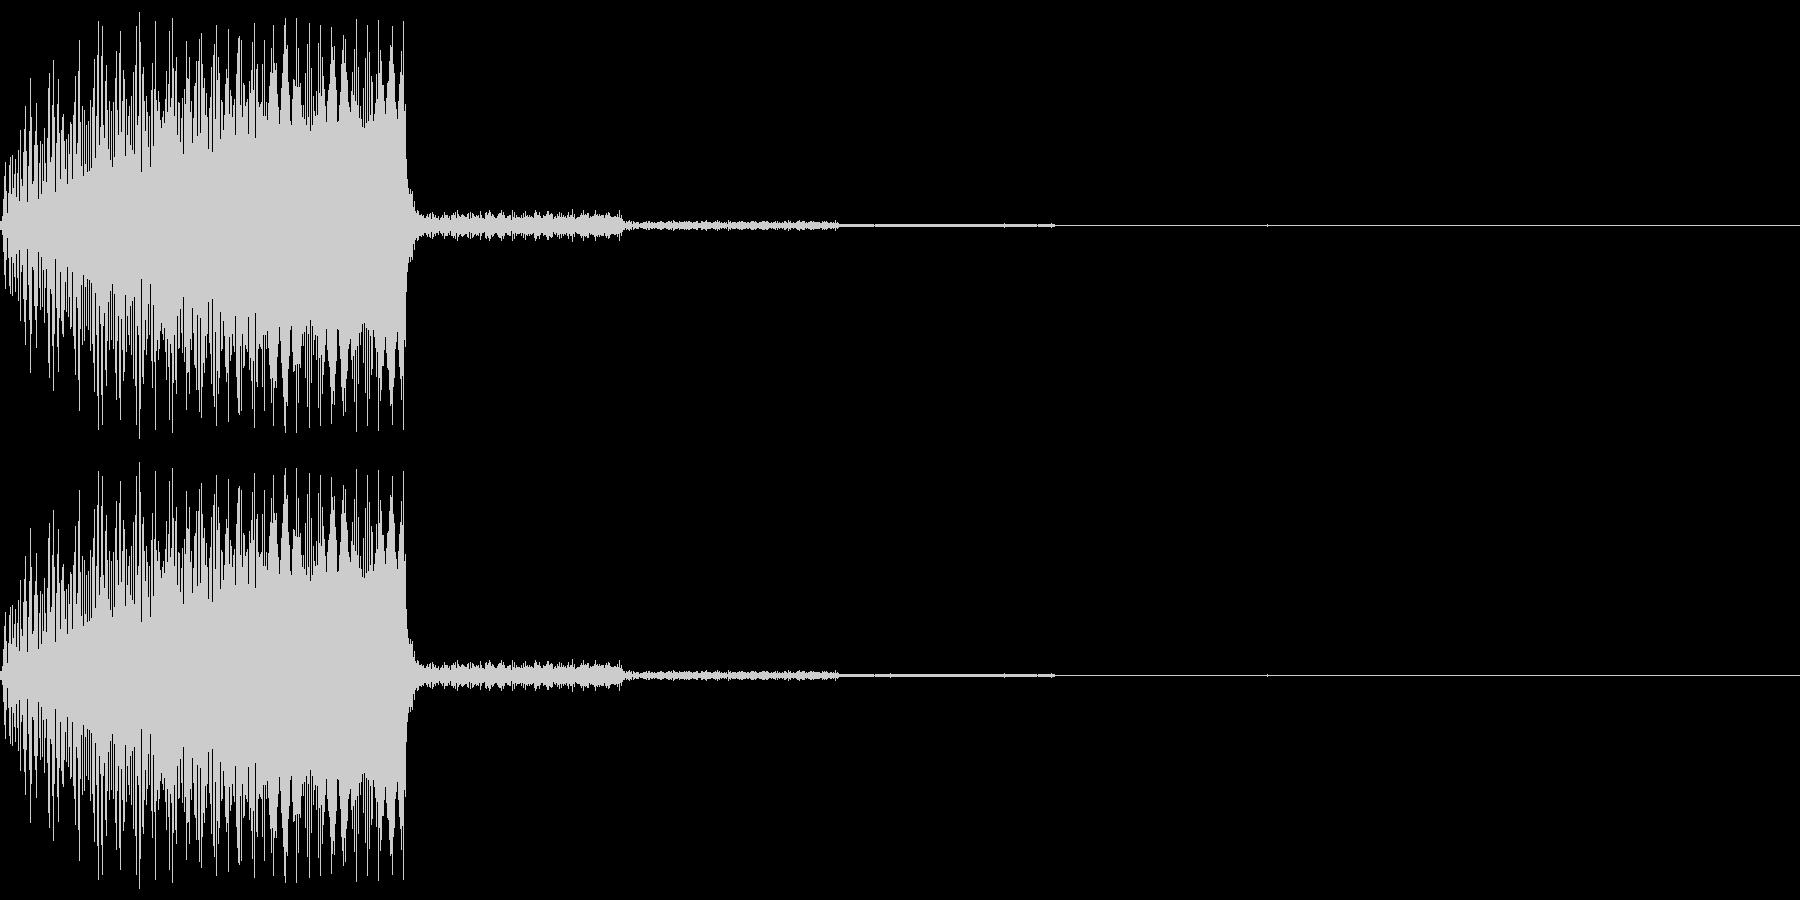 「決定」「選択」なのイメージのシステム…の未再生の波形